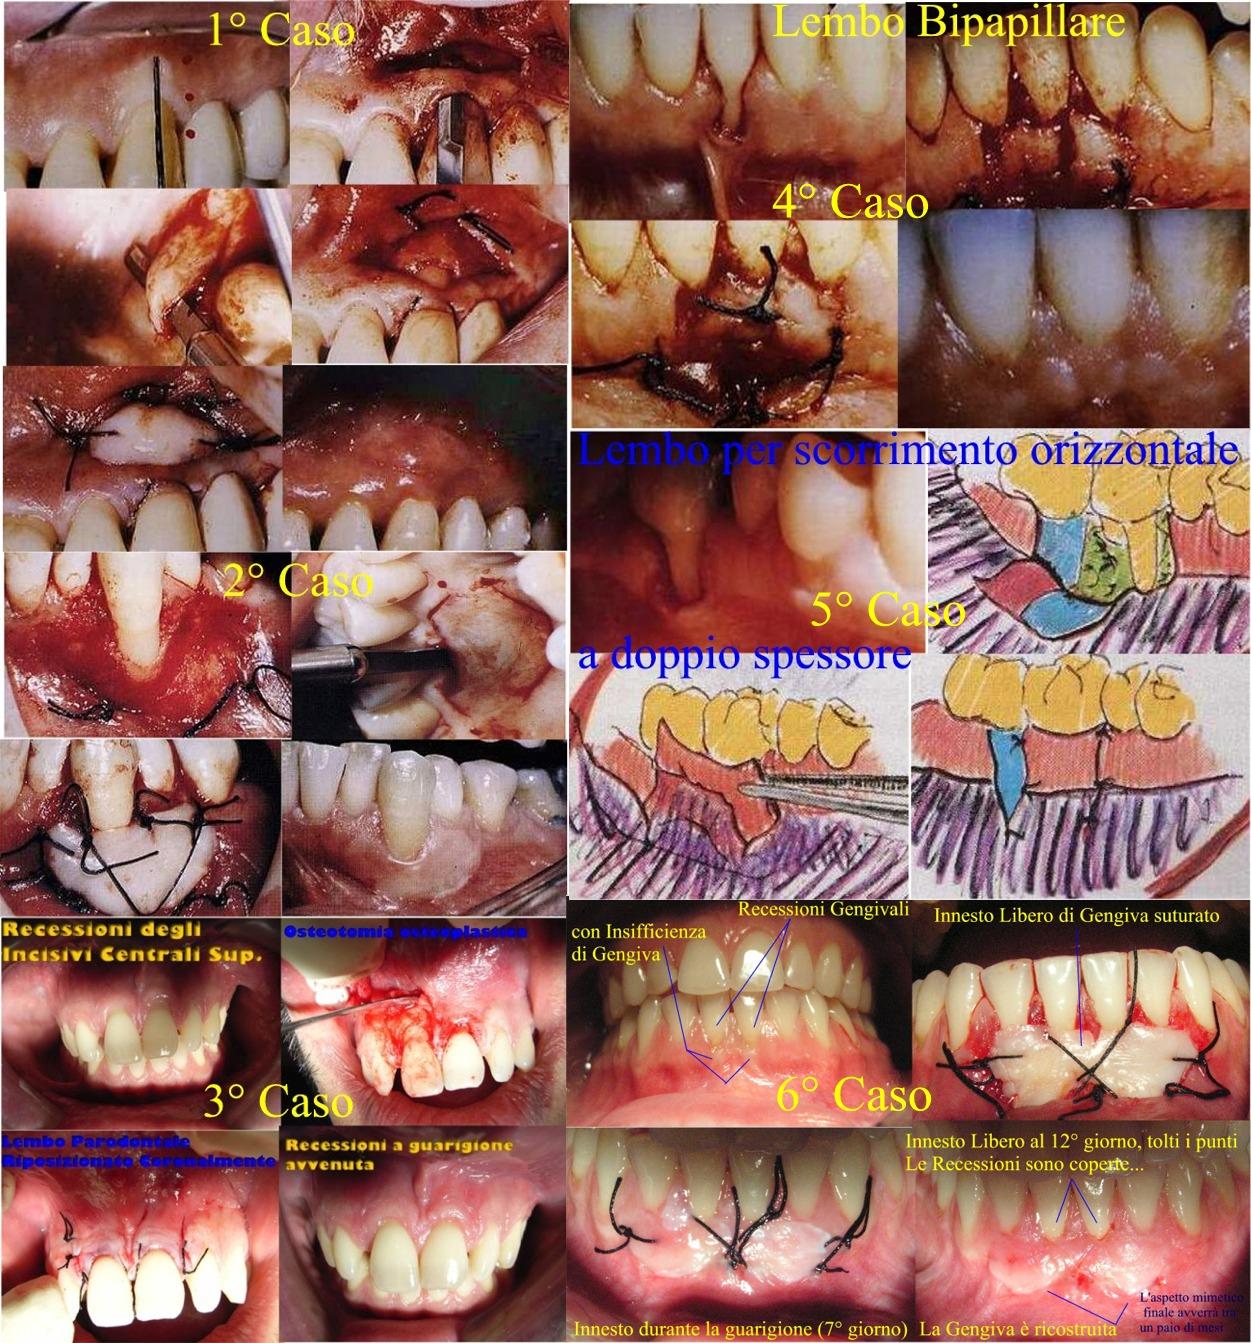 Diversi tipi di interventi di chirurgia estetica Parodontale e Mucogengivale per la terapia di inestetismi e recessioni. Da casistica del Dr. Gustavo Petti Parodontologo di Cagliari